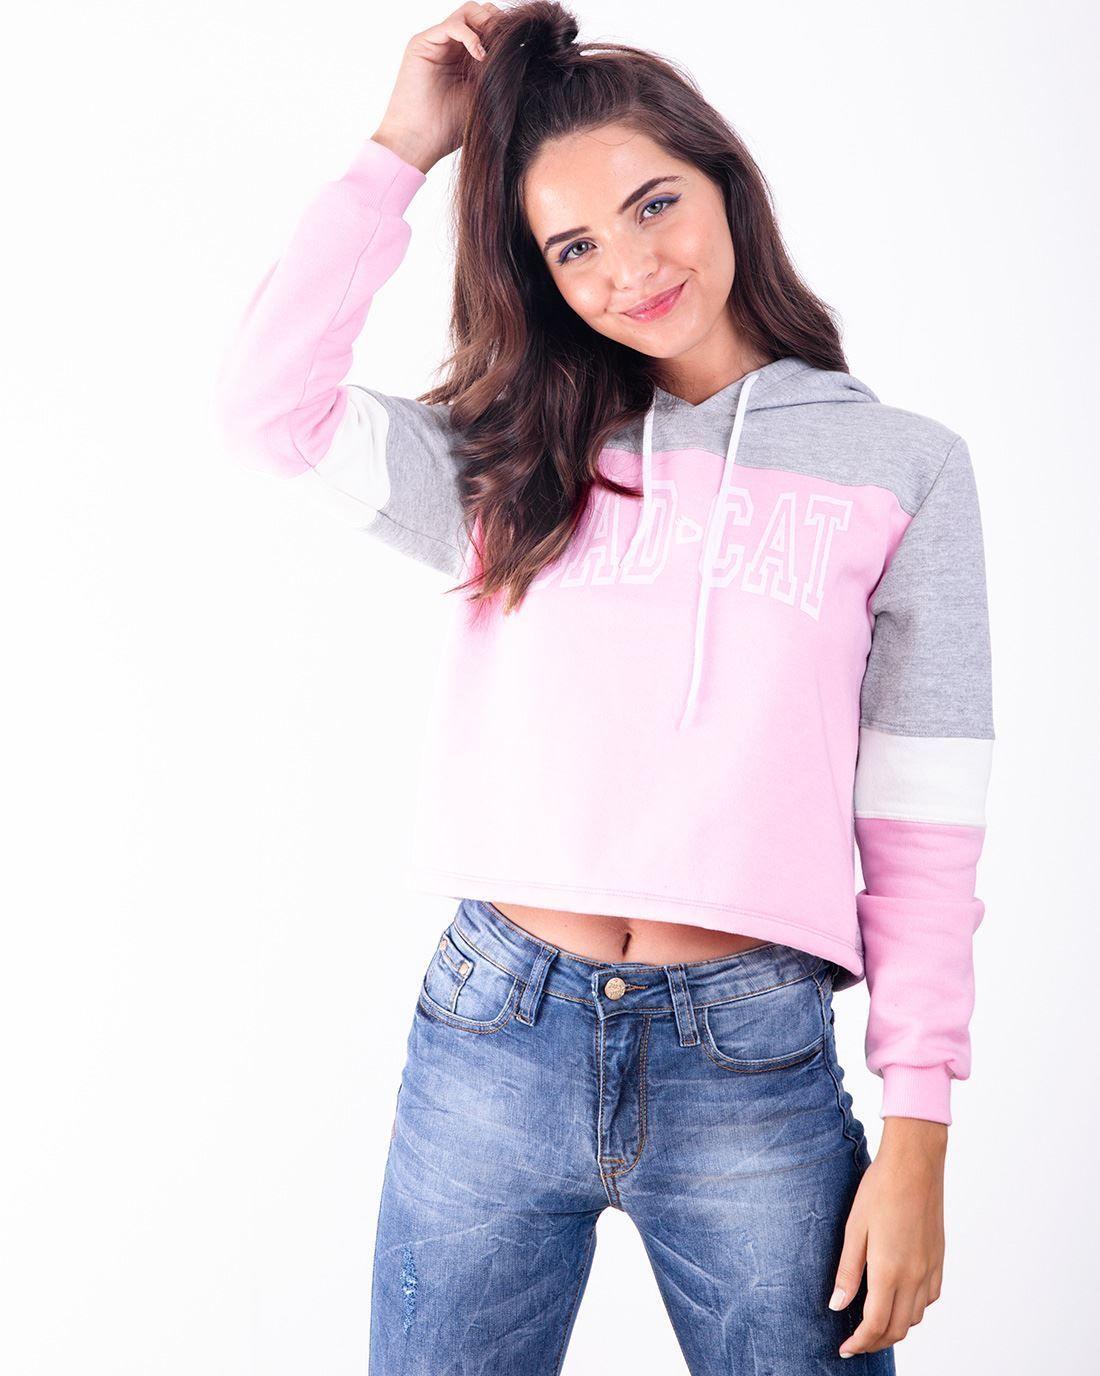 fa5d034ec Moletom Cropped Color Badcat Rosa - Compre agora | Badcat Store